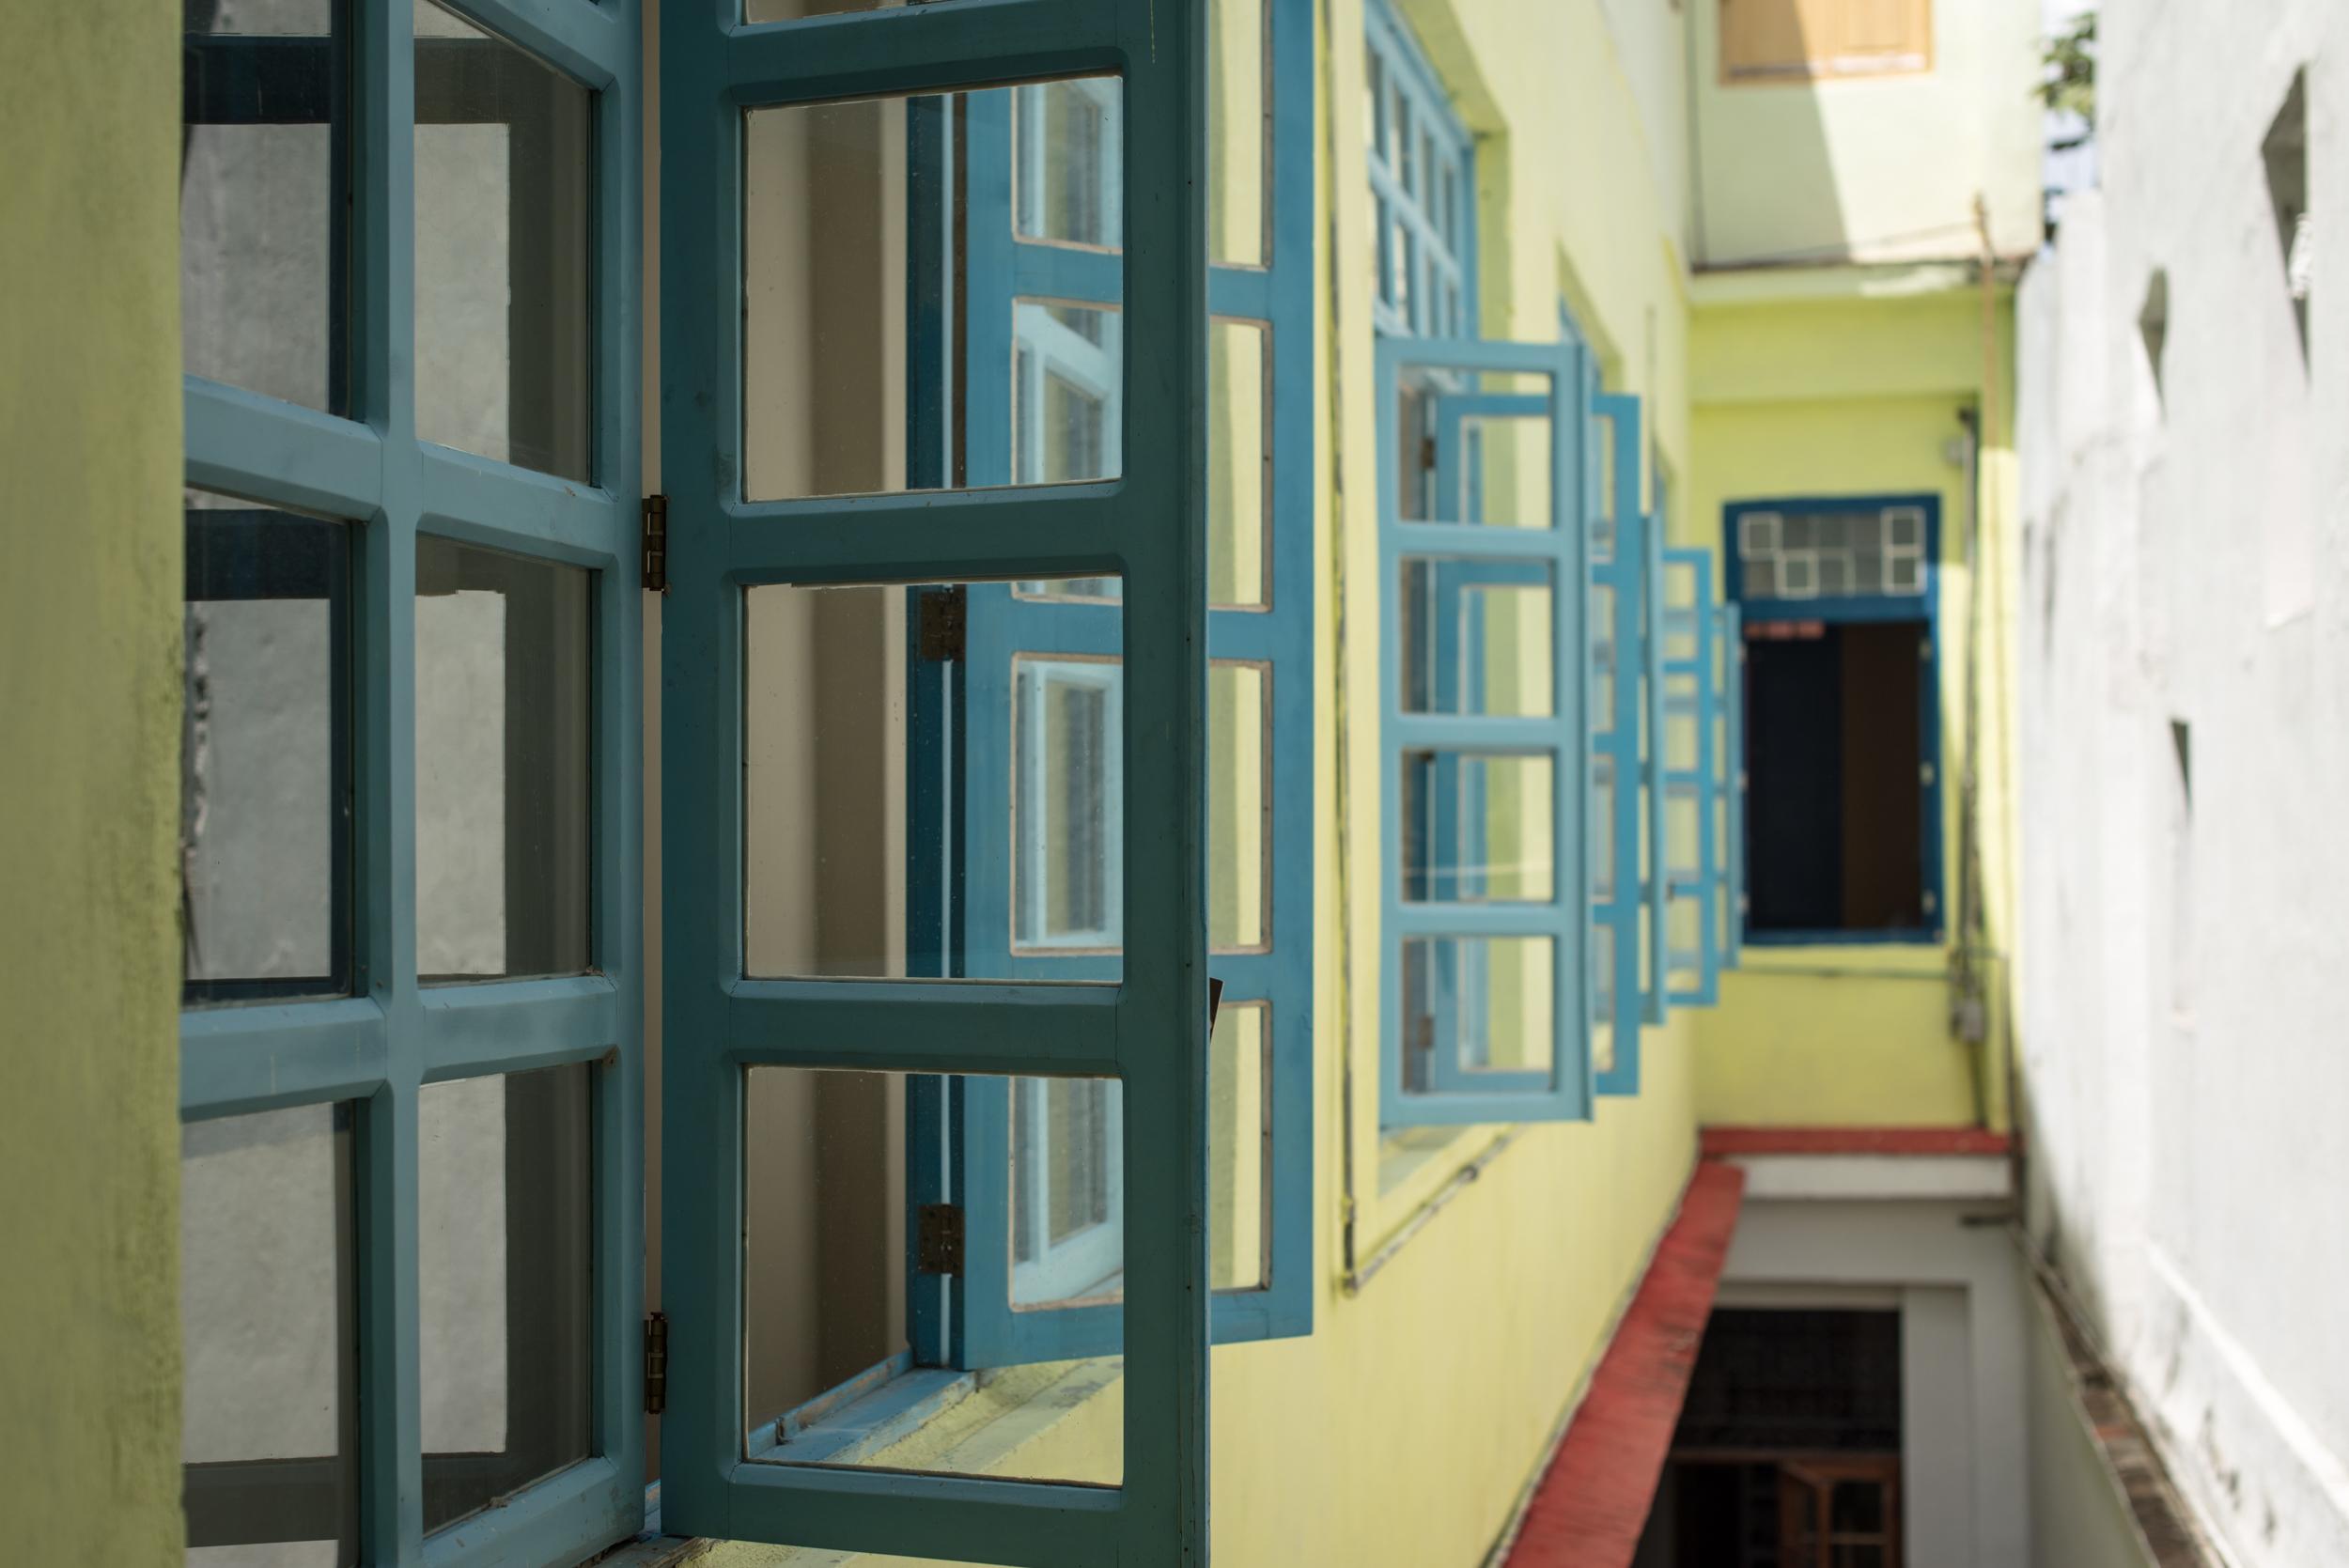 Cuba_016.jpg